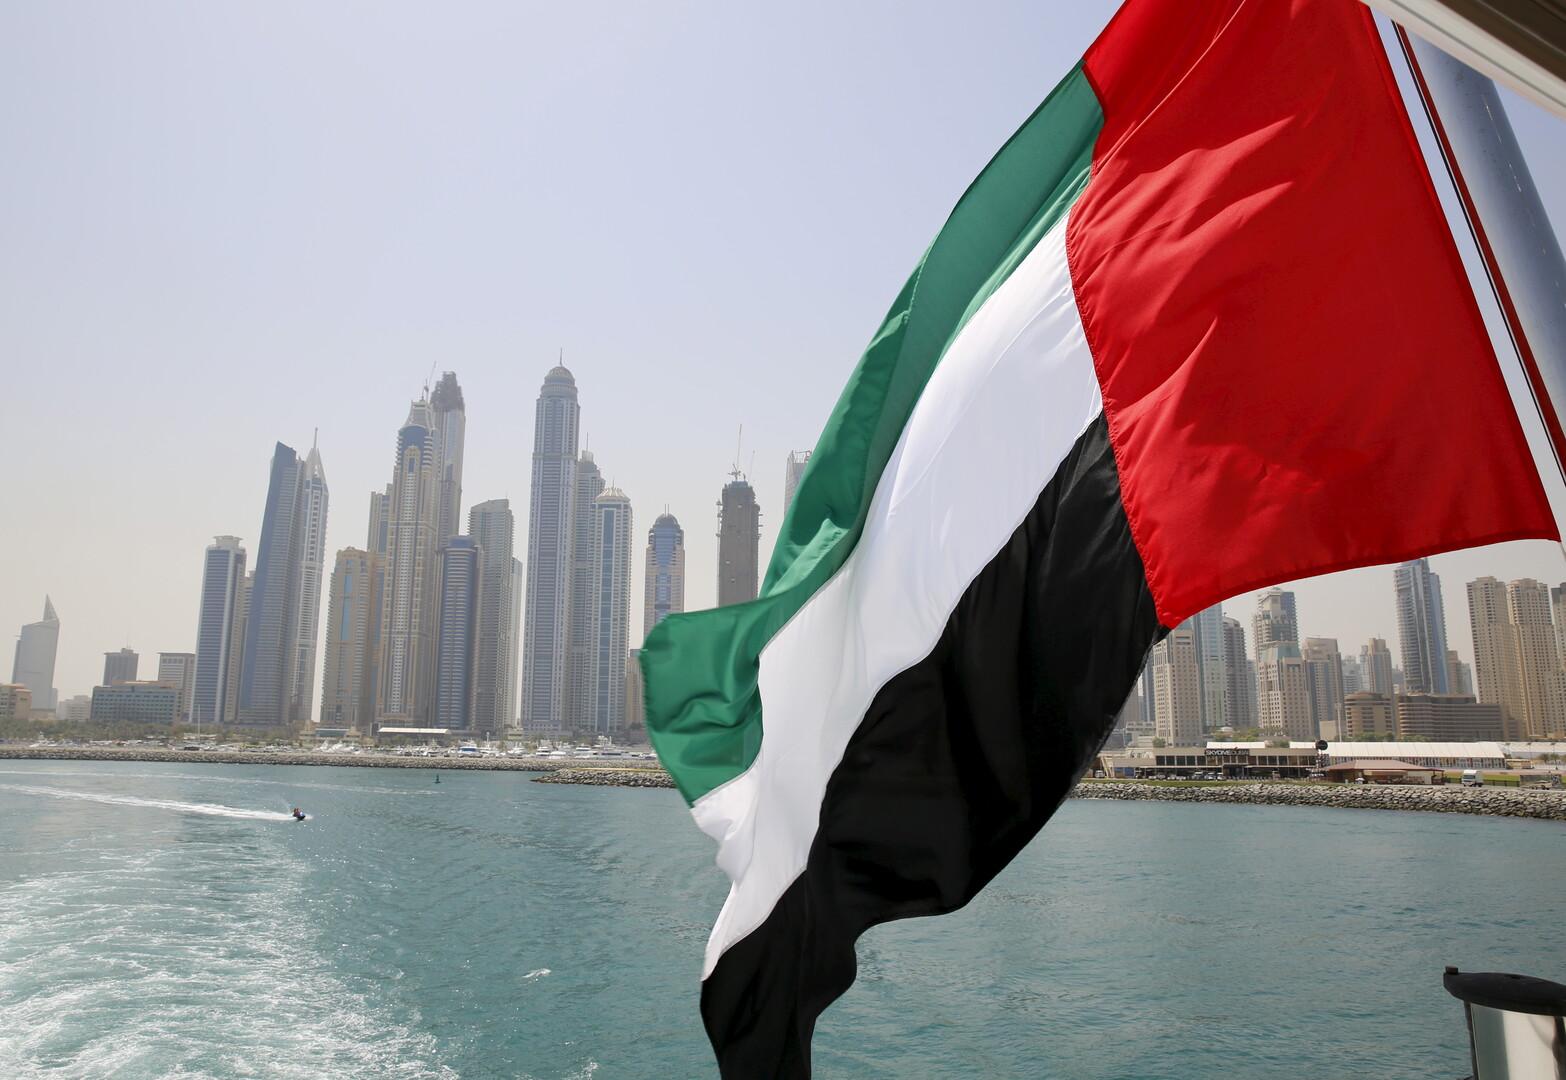 الإمارات تحذر نتنياهو من تصعيد خطير في المنطقة